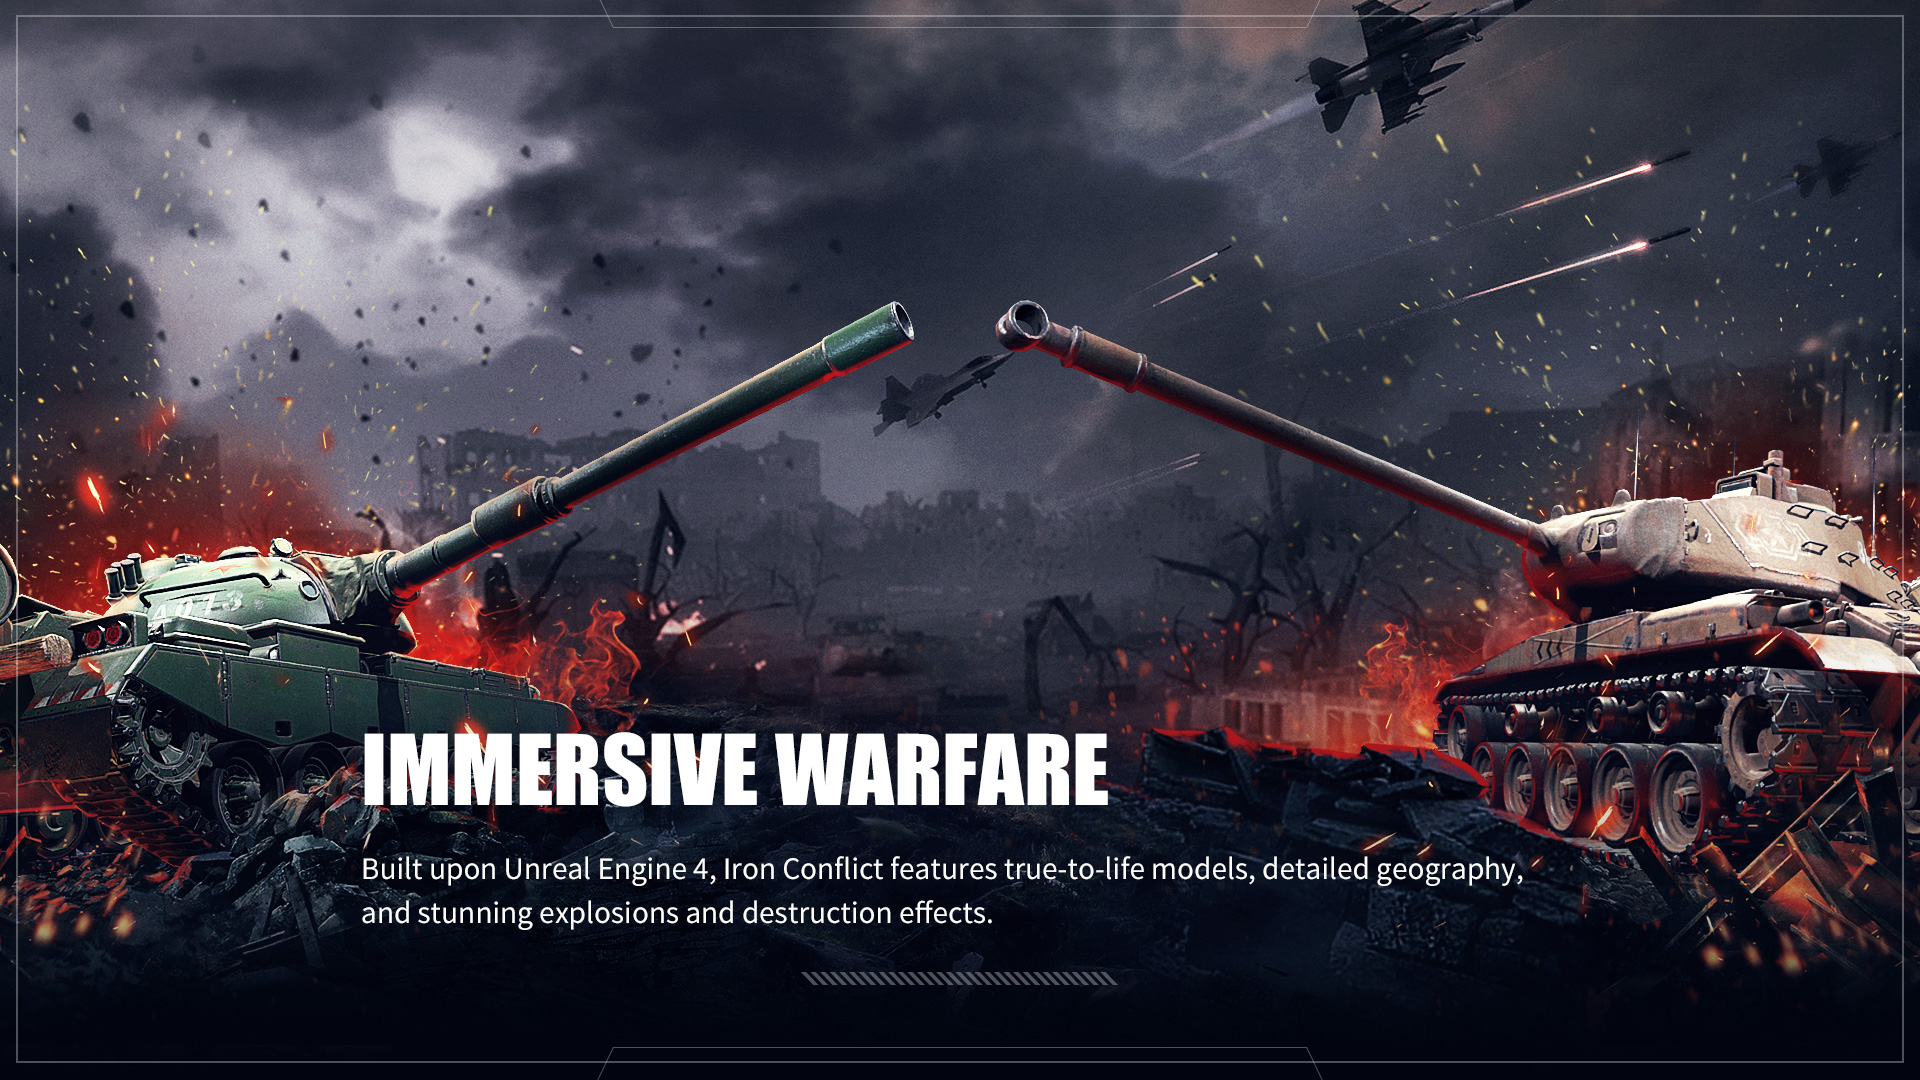 军事迷看过来!近现代战争RTS游戏《烈火战马》今日开启Steam抢先体验